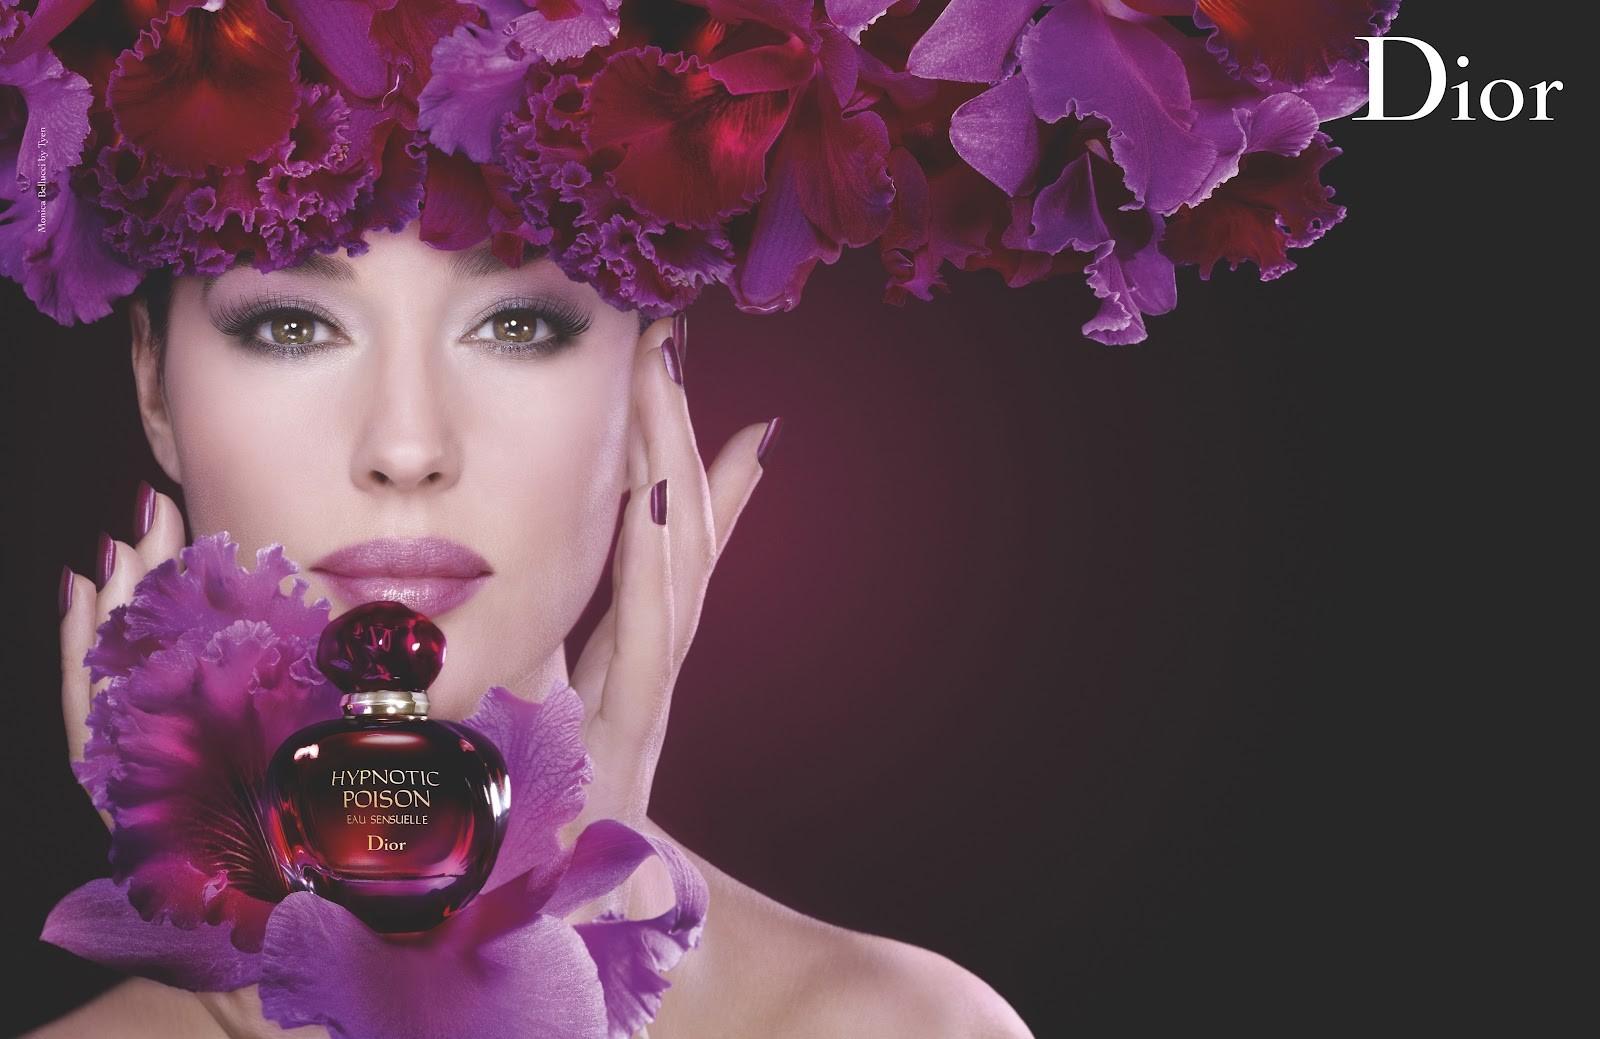 Hypnotic Poison, Dior para mulheres sedutoras